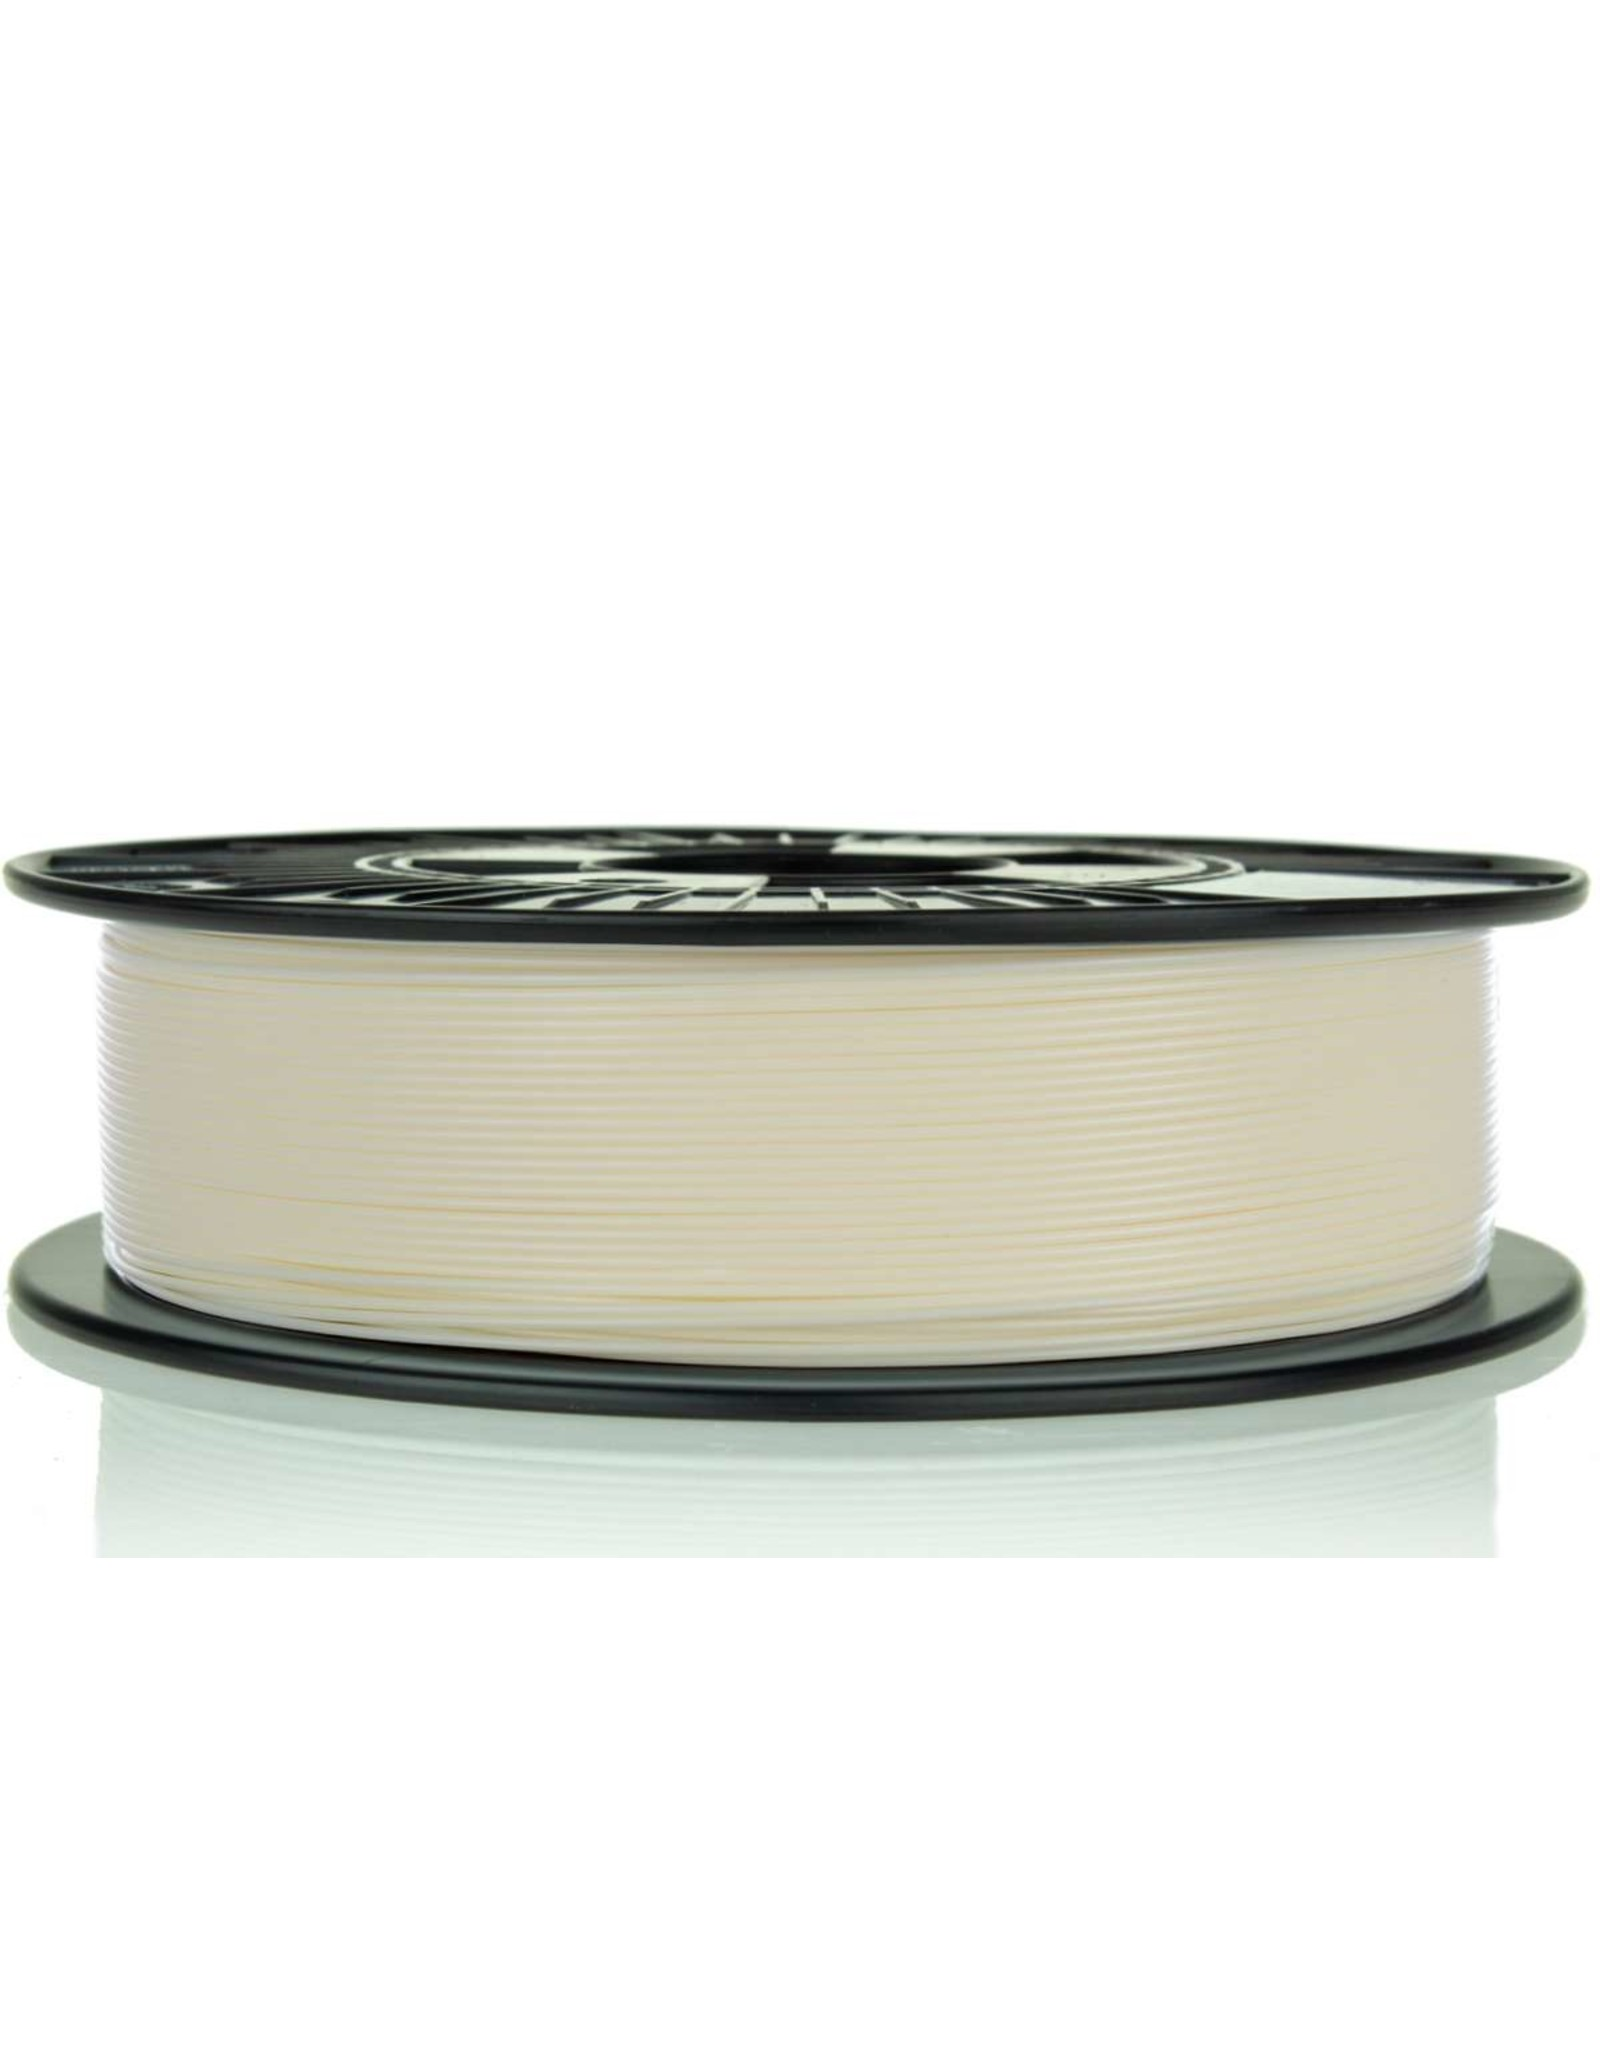 Material4Print ASA Filament 1.75mm 1kg - Natural